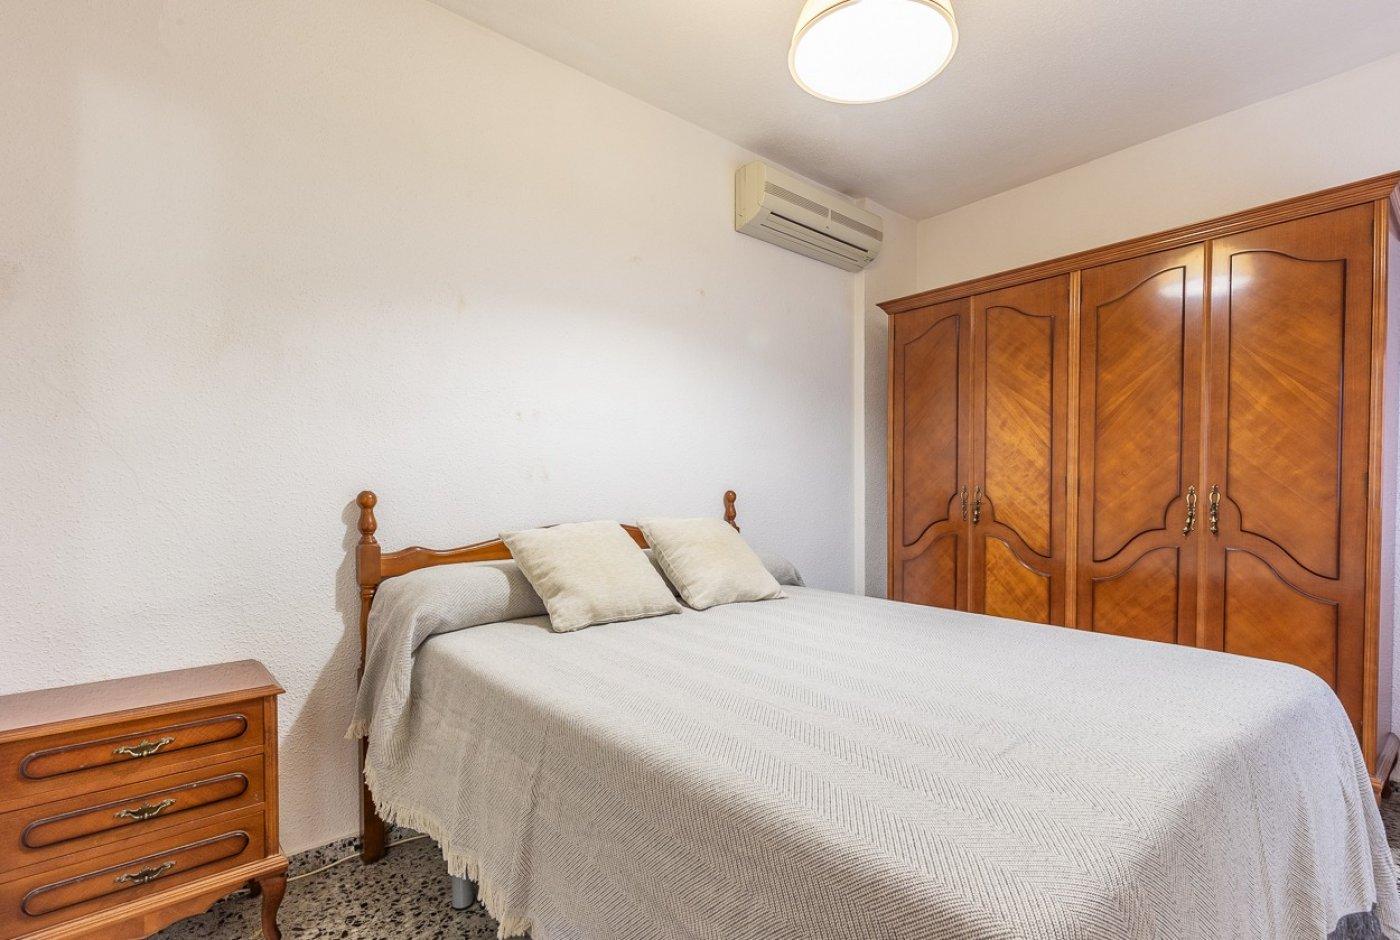 Piso de 2 dormitorios (3 de origen), en pleno centro de Benidorm. A 500 metros de la playa. 13